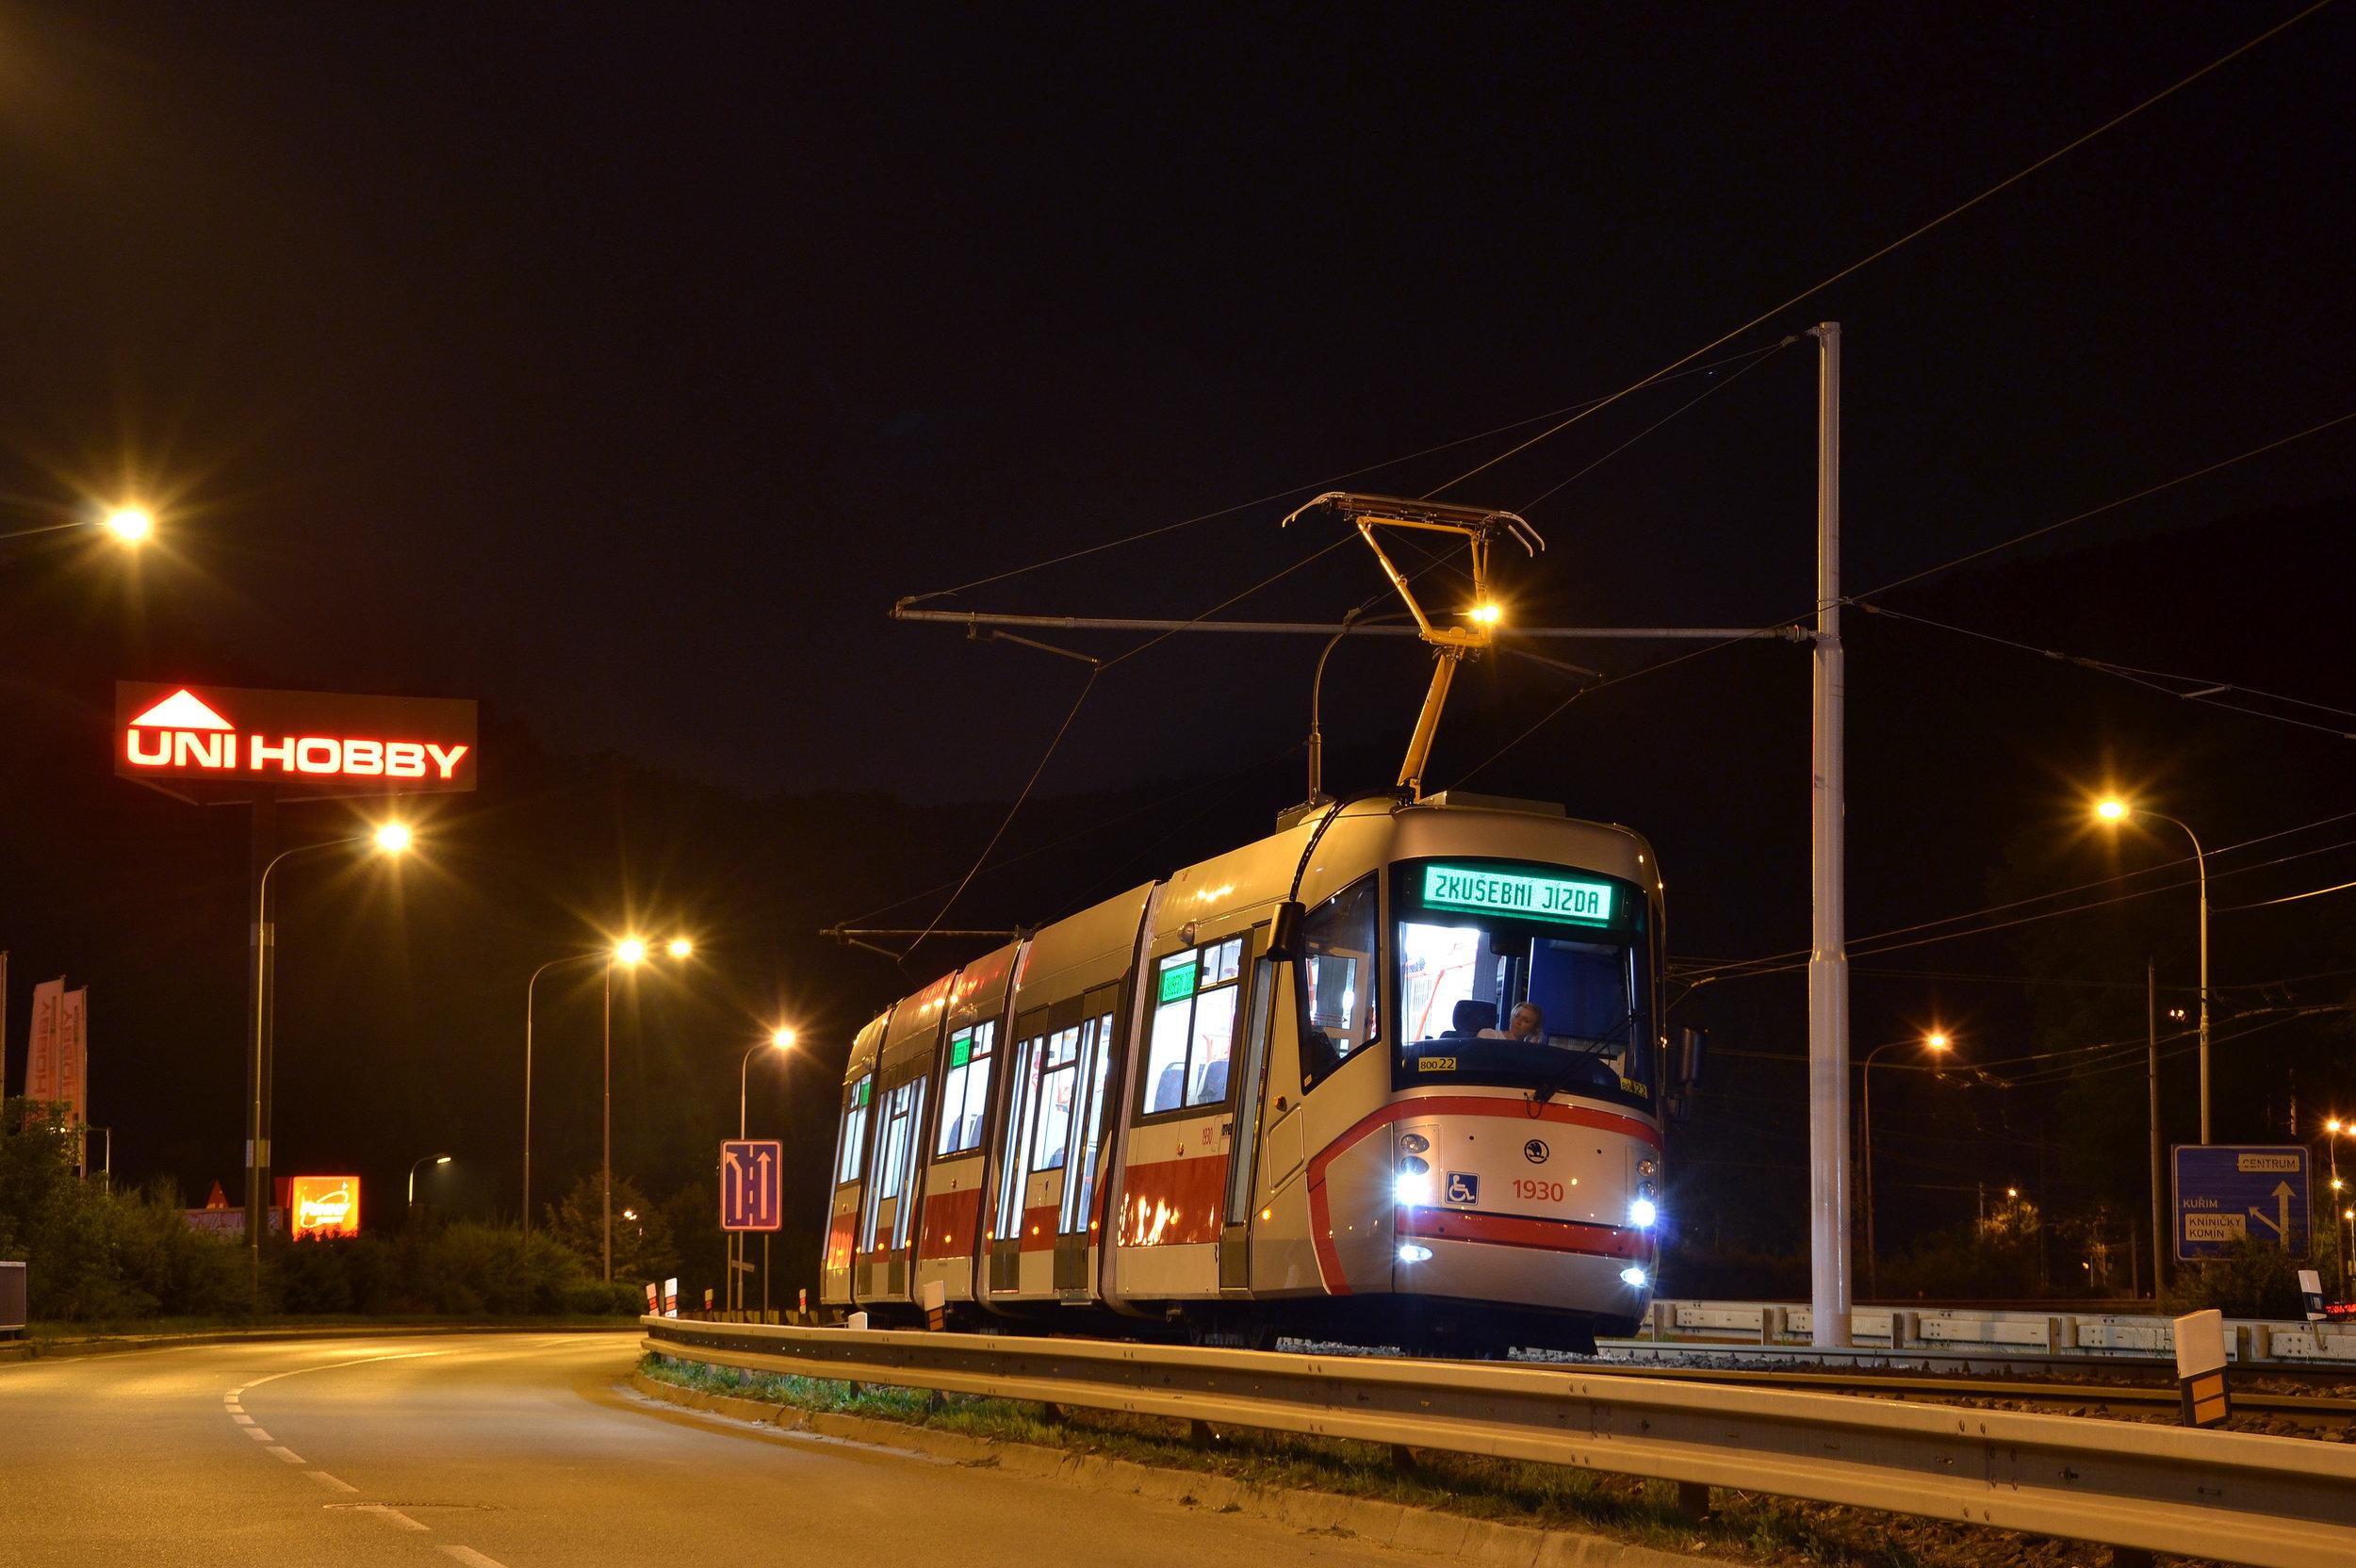 Pokřtěno bude celkem 19 tramvají Škoda 13T. Křest se nebude týkat jediného vozu - ev. č. 1930 (na snímku), který získal své jméno Bohuslav Fuchs již v říjnu 2016. (foto: Ing. Jiří Černý)